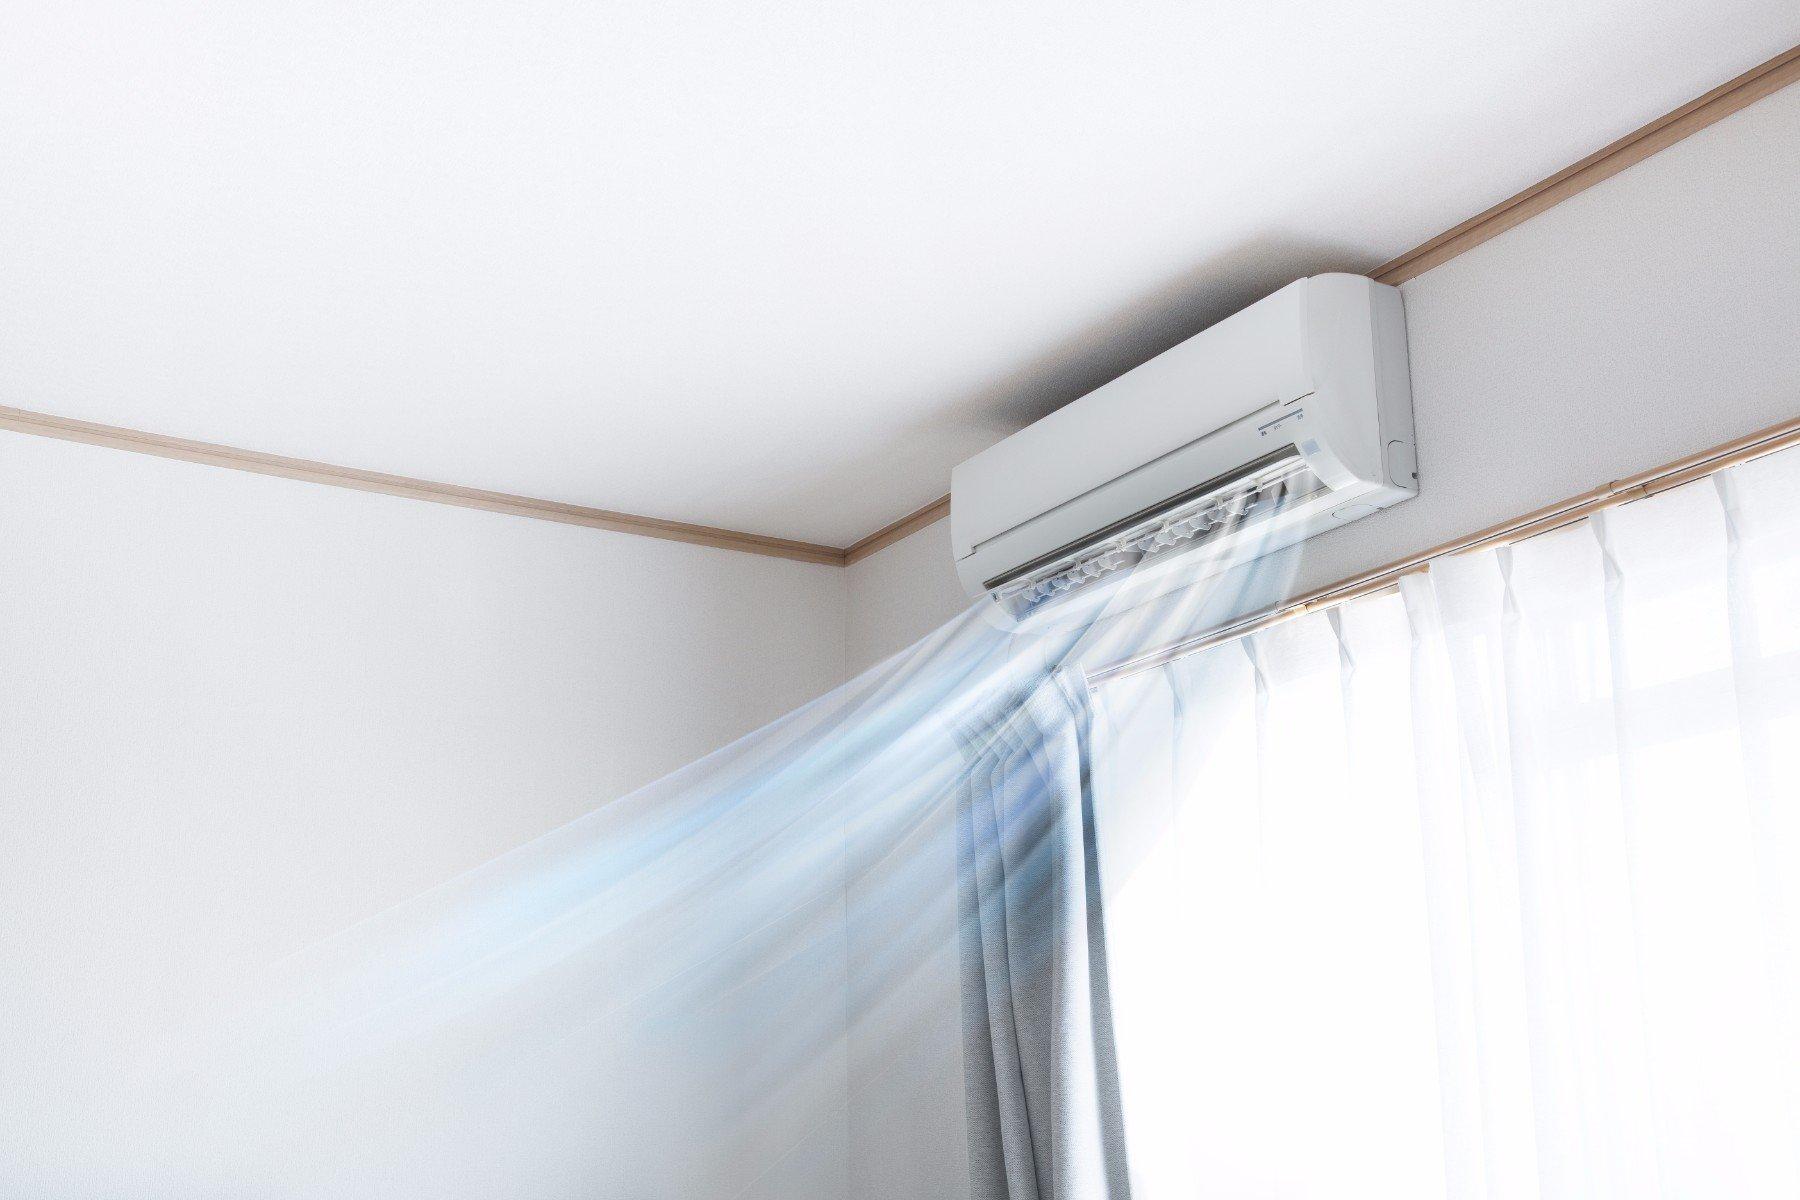 Apparecchio di aria condizionata